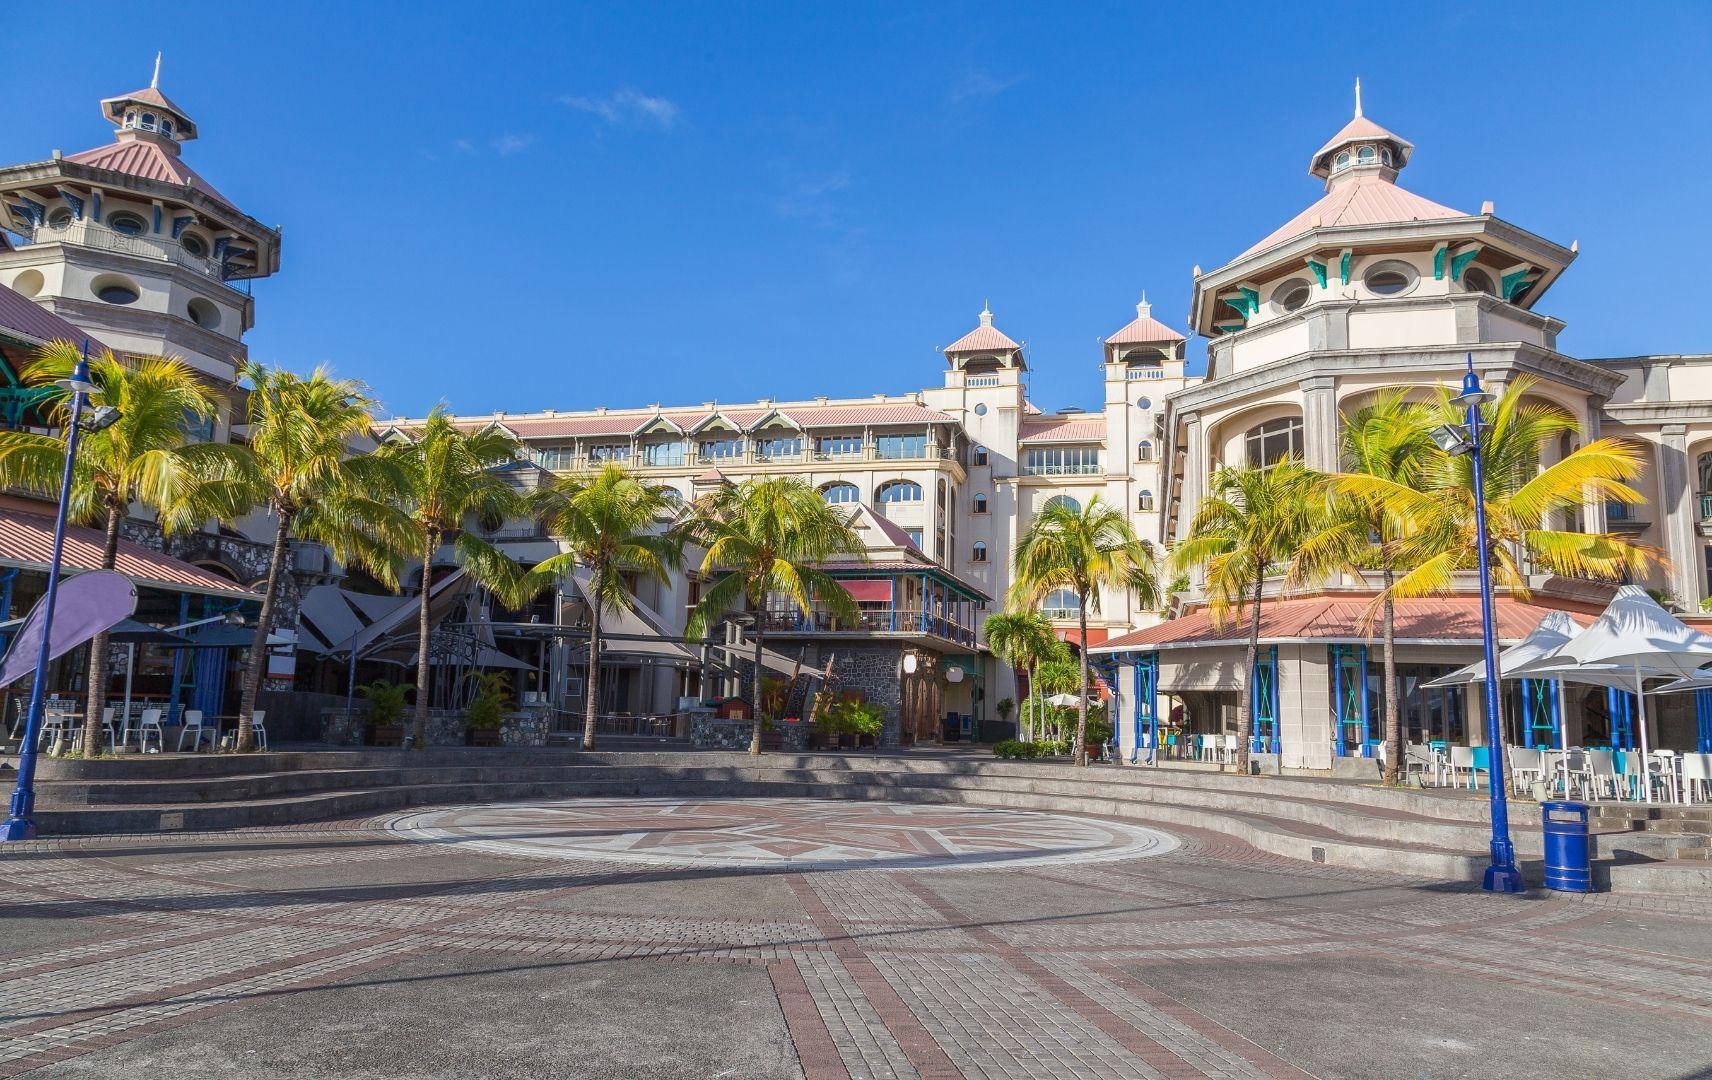 Stadt in Mauritius